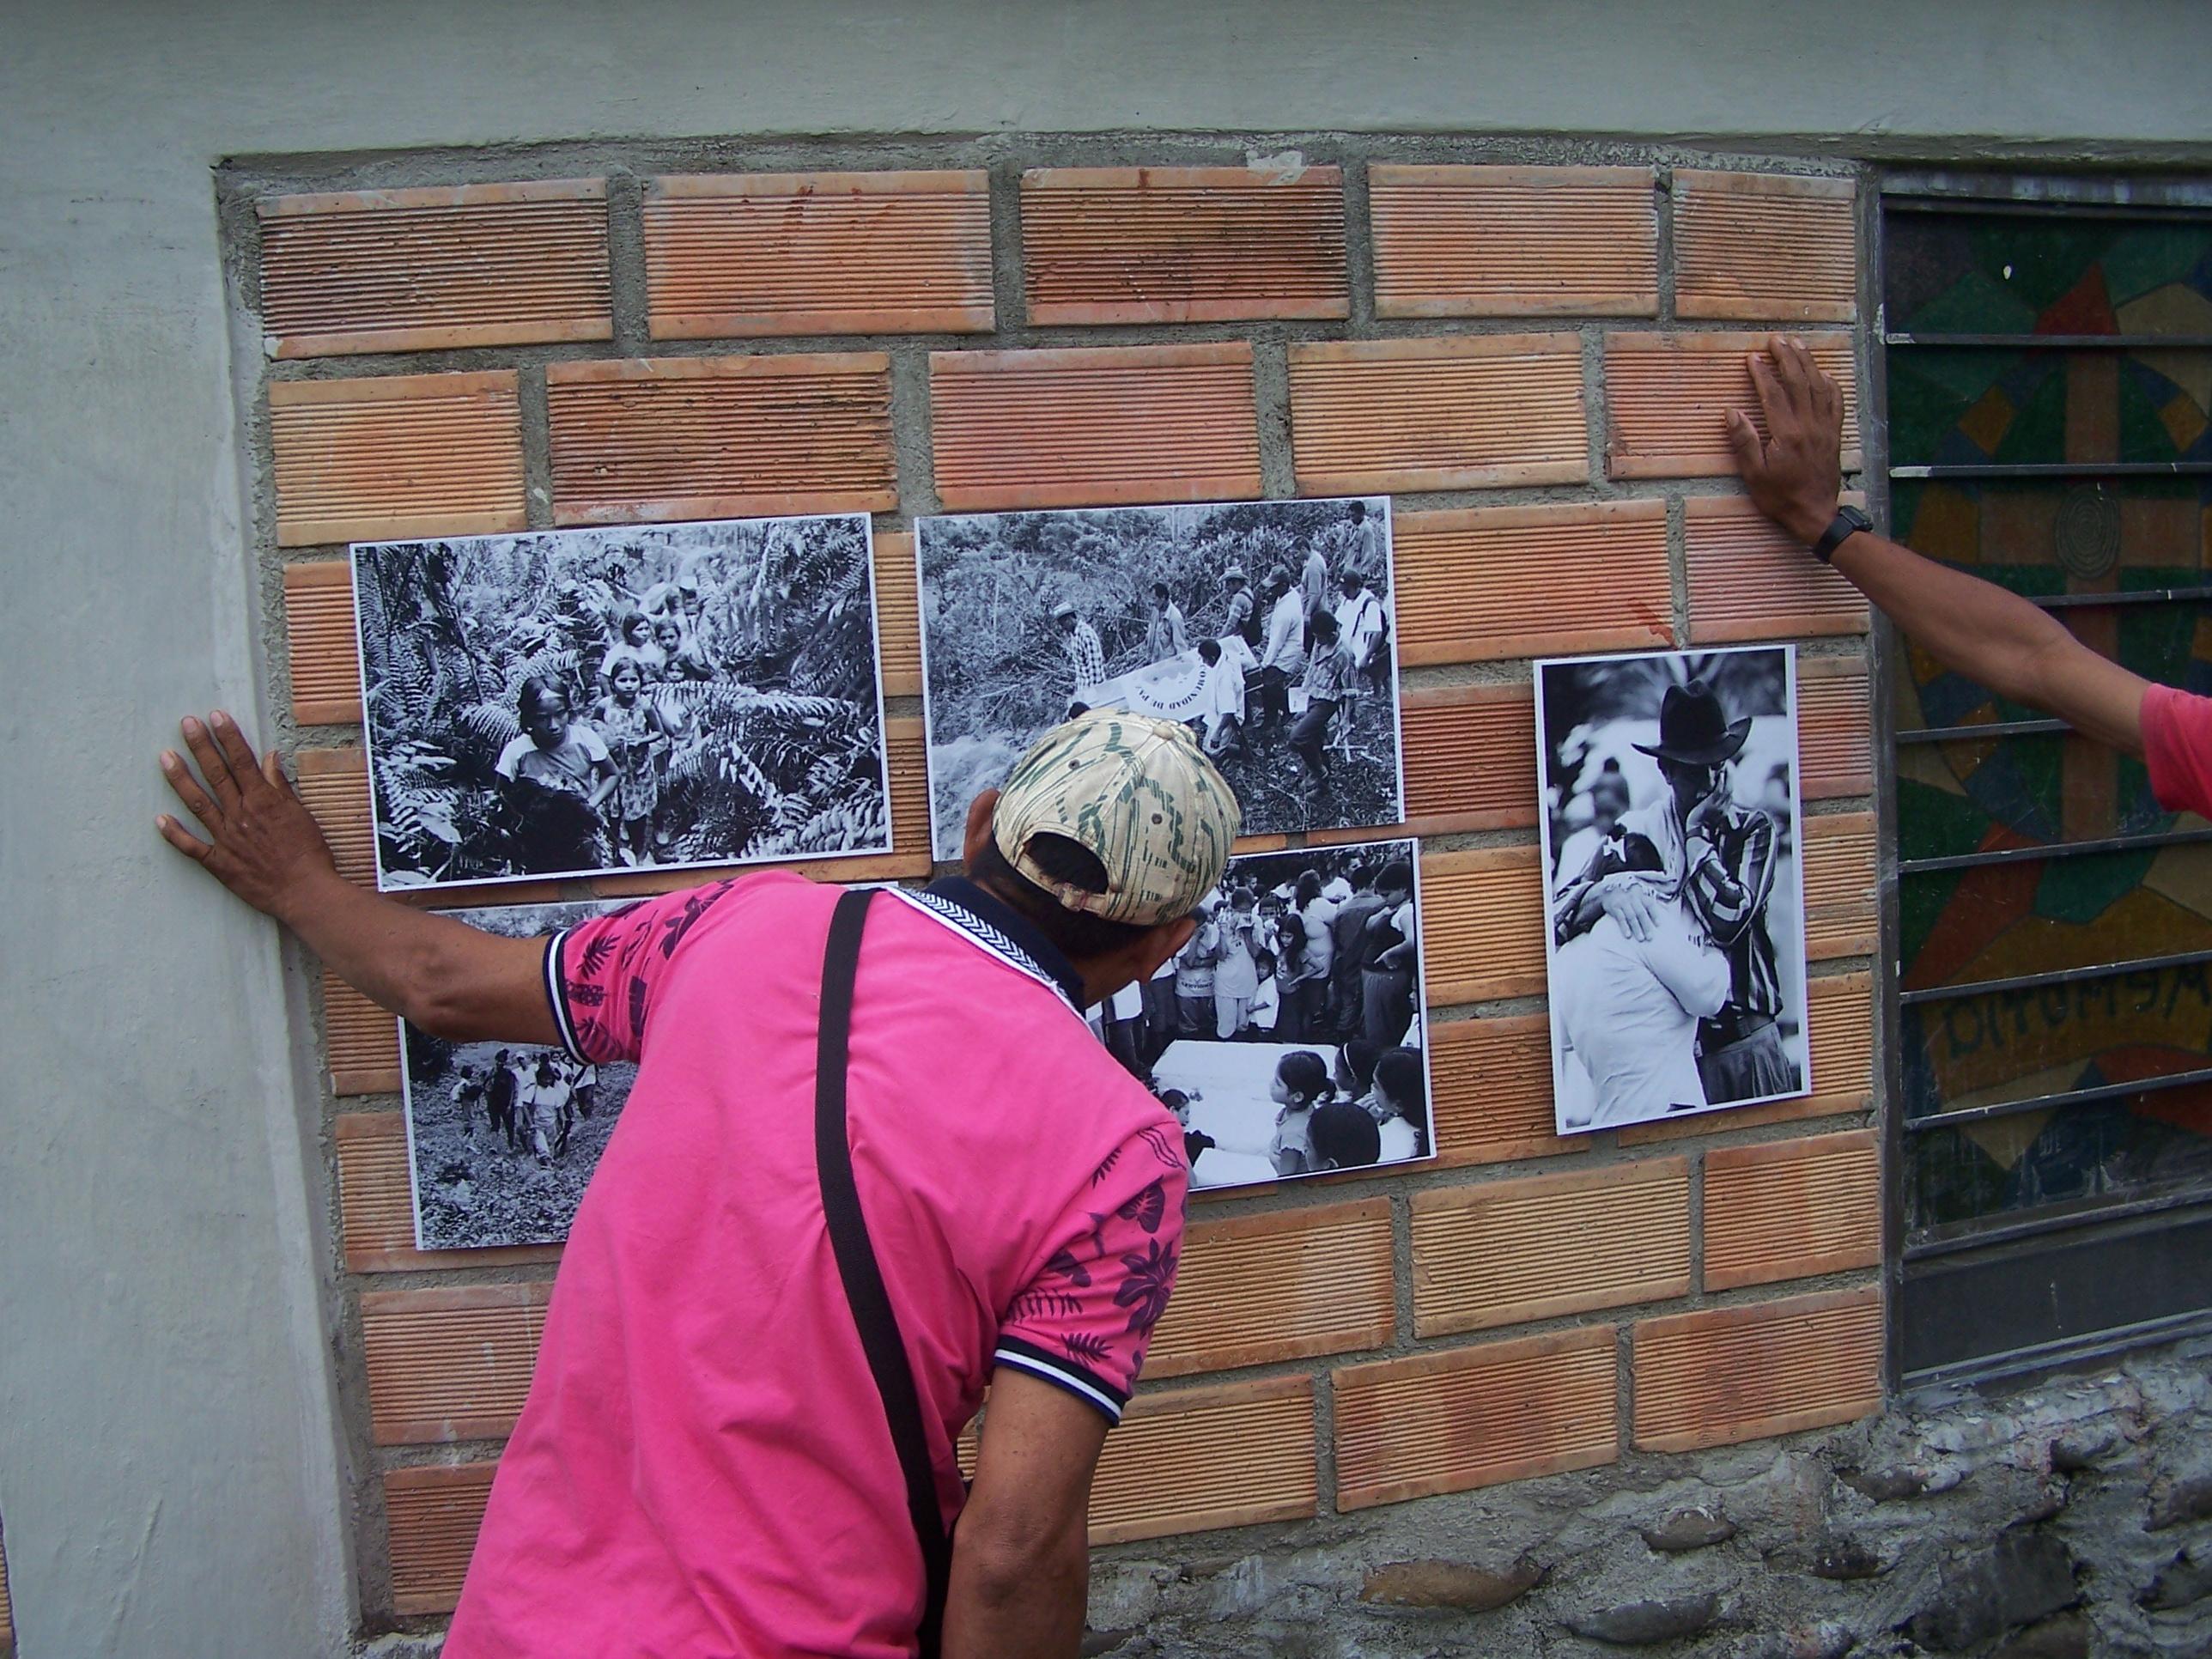 PM: Friedensprozess steht auf dem Spiel – Morde an Aktivist*innen